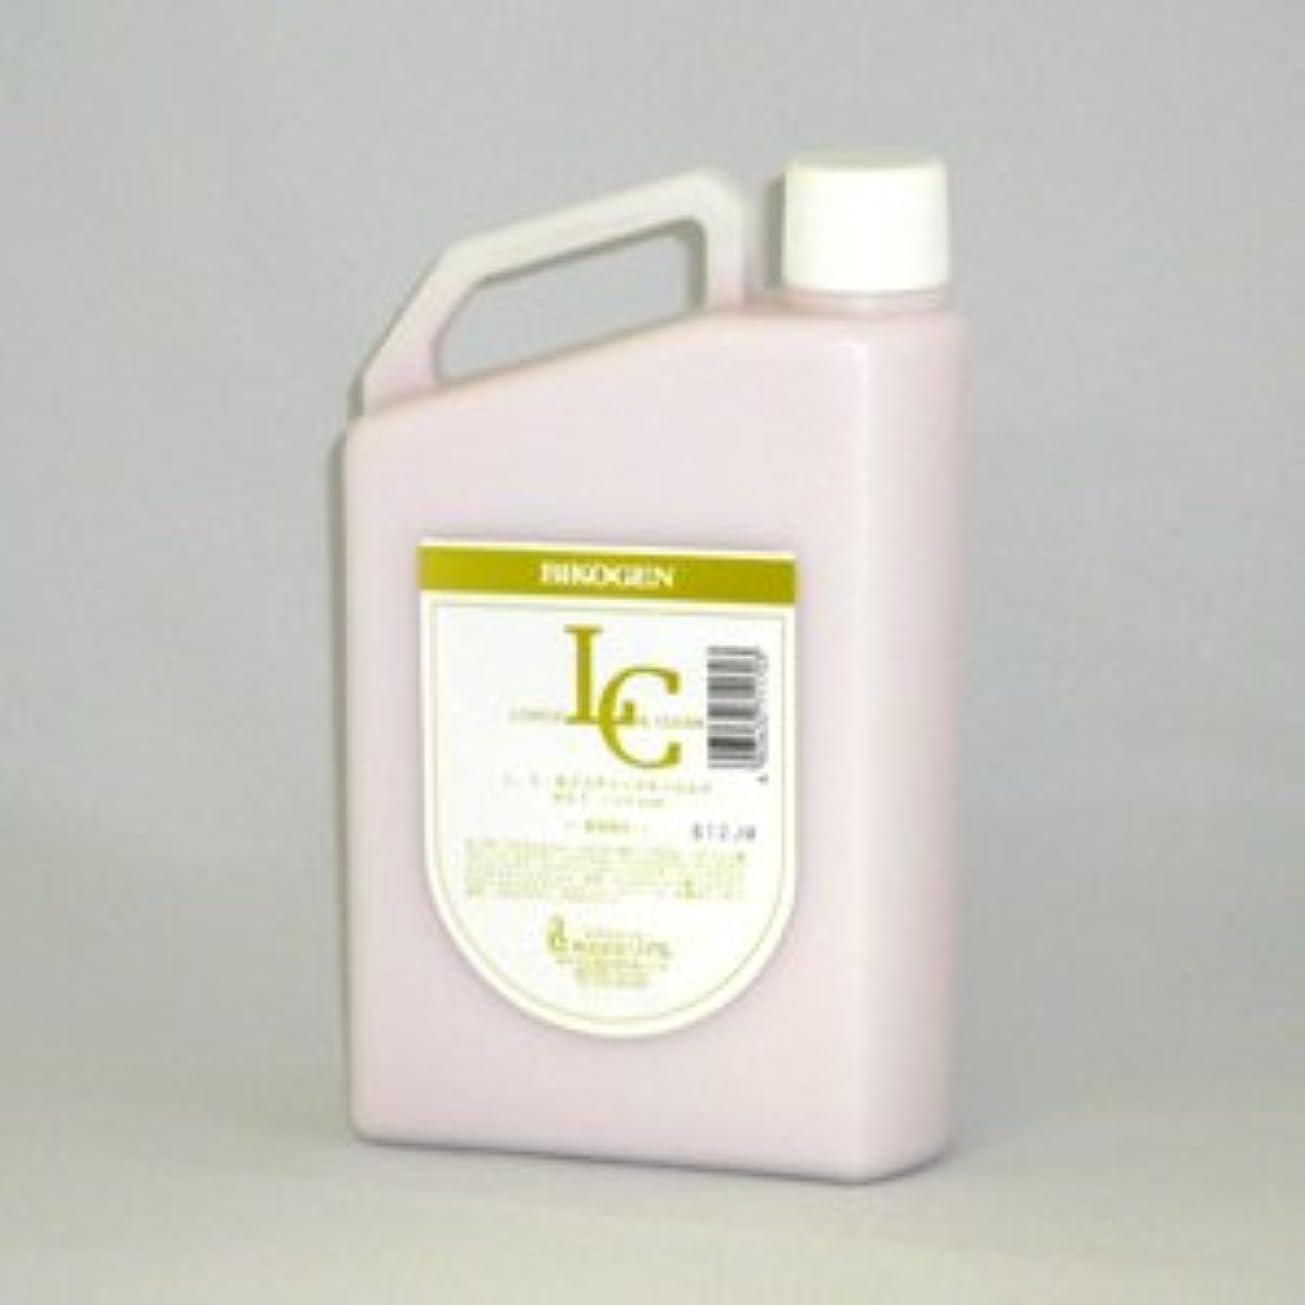 溶けるしみハウジングリアル LCモイスチャースキンミルク 1000ml